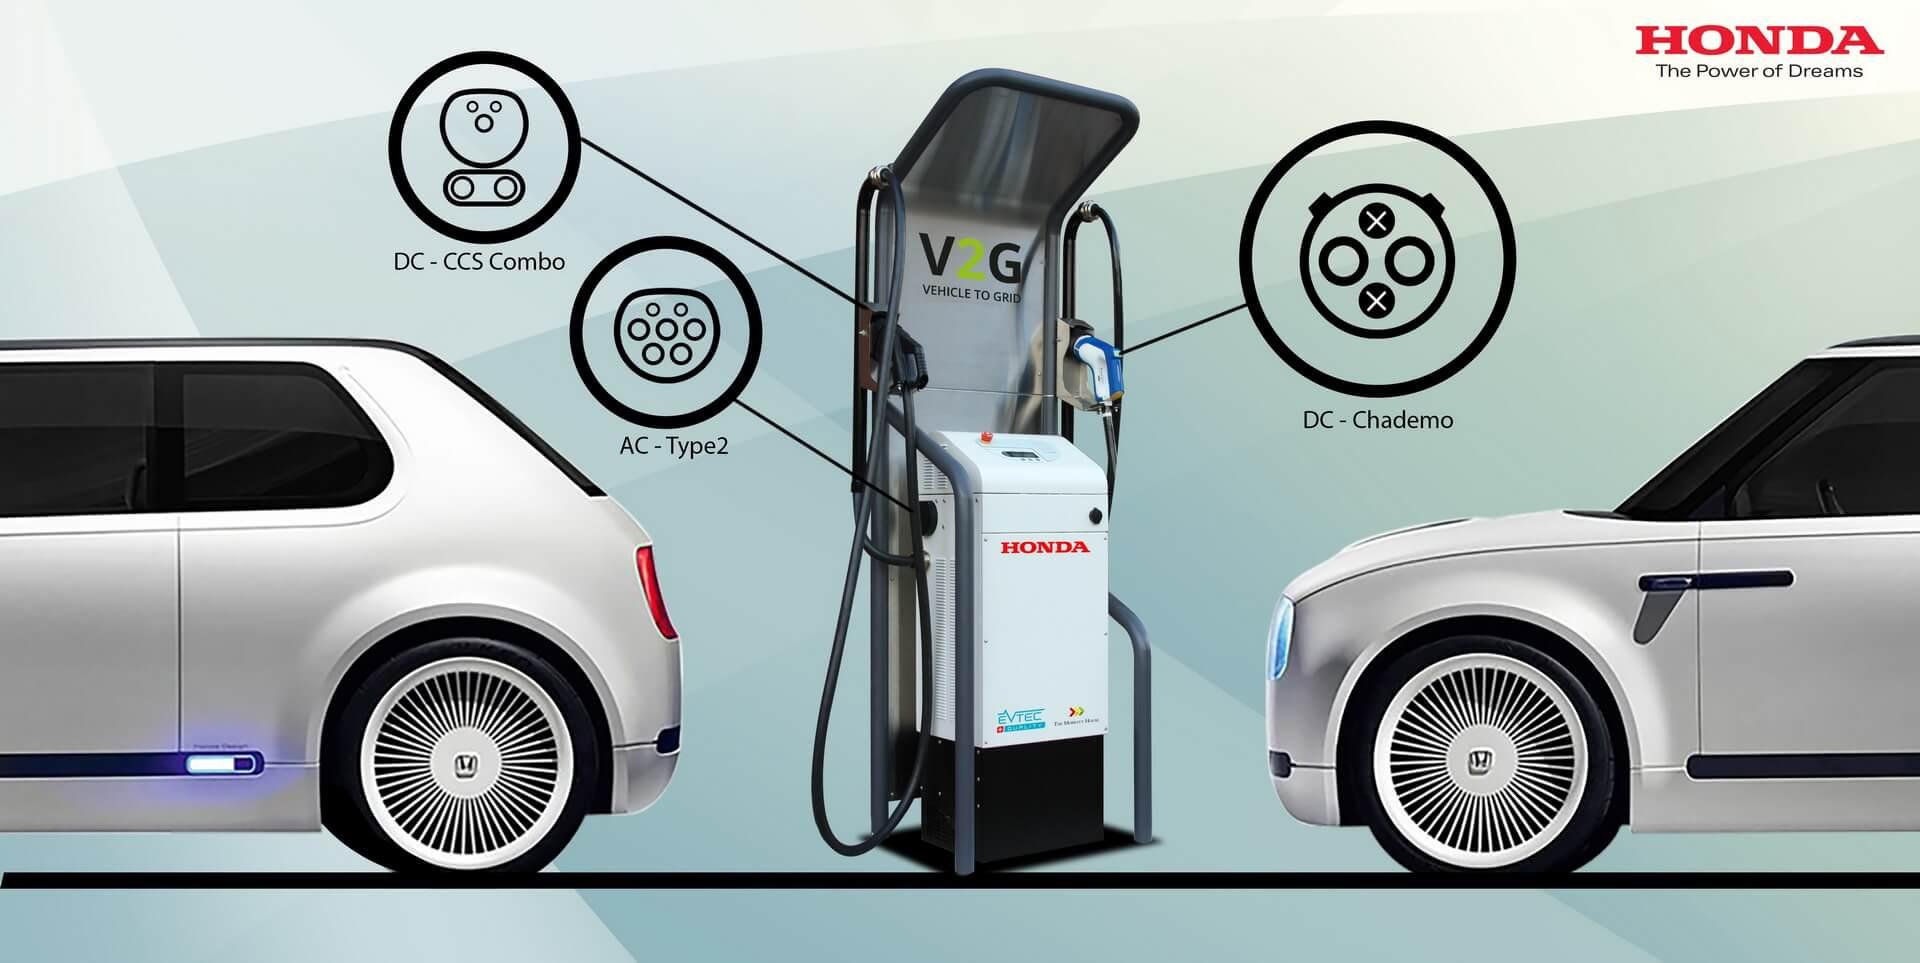 Технология двунаправленной зарядки V2G от Honda